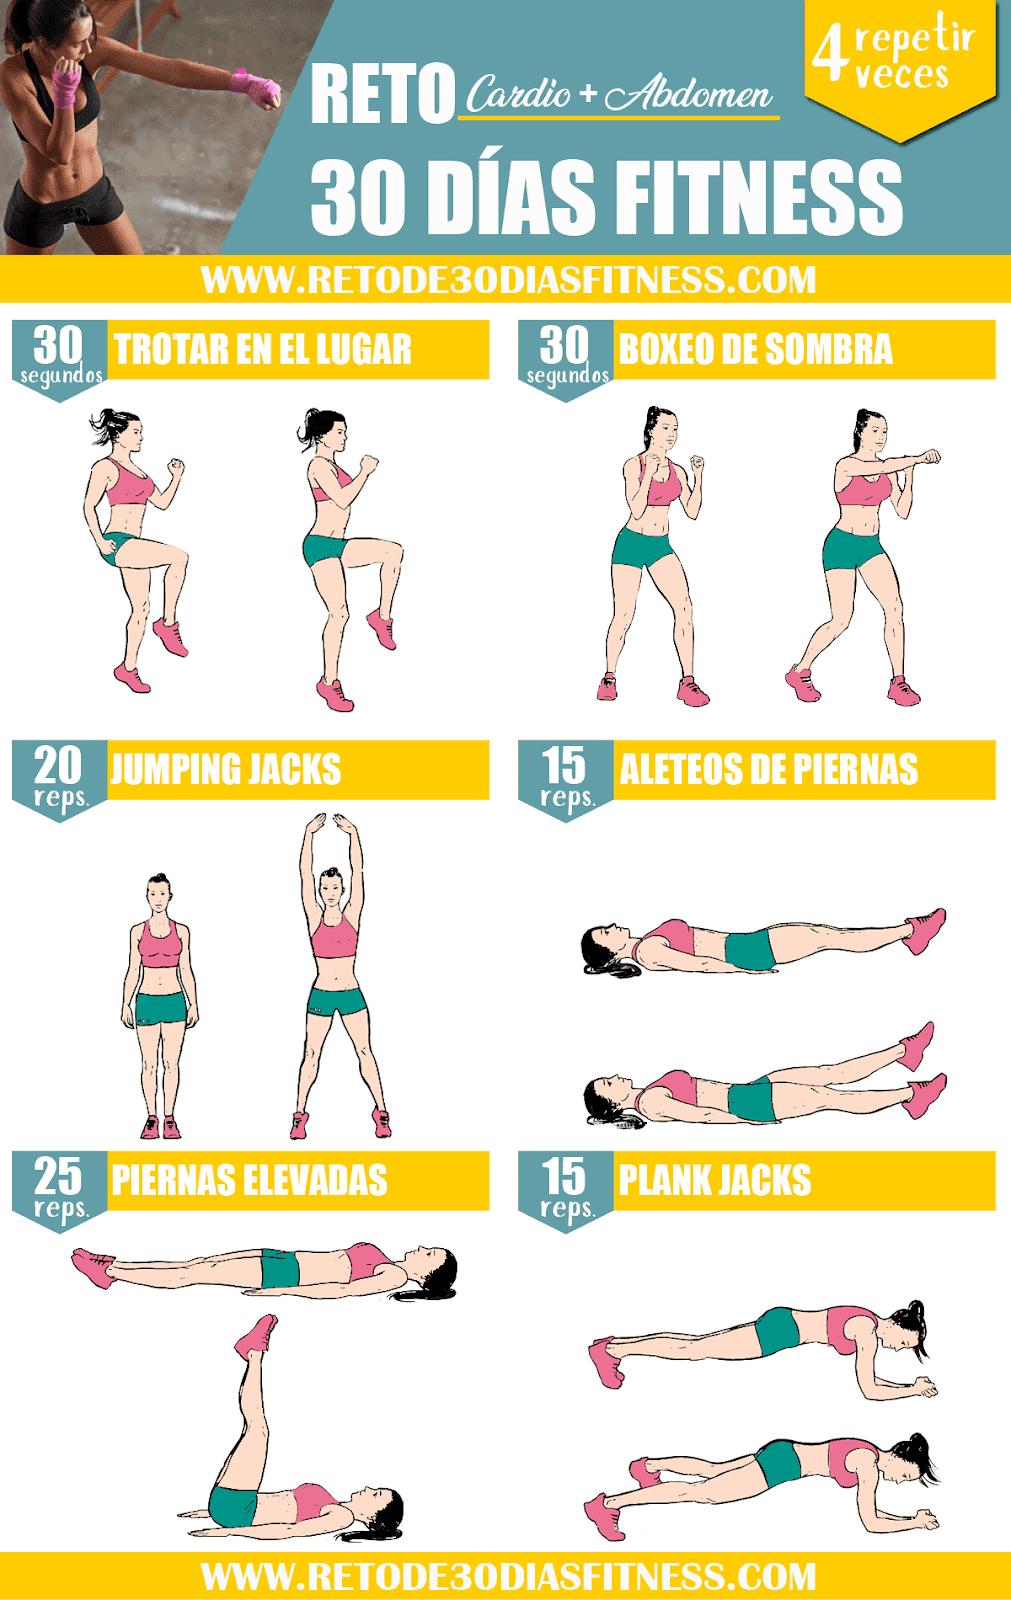 rutina de ejercicios para quemar grasa y tonificar mujer